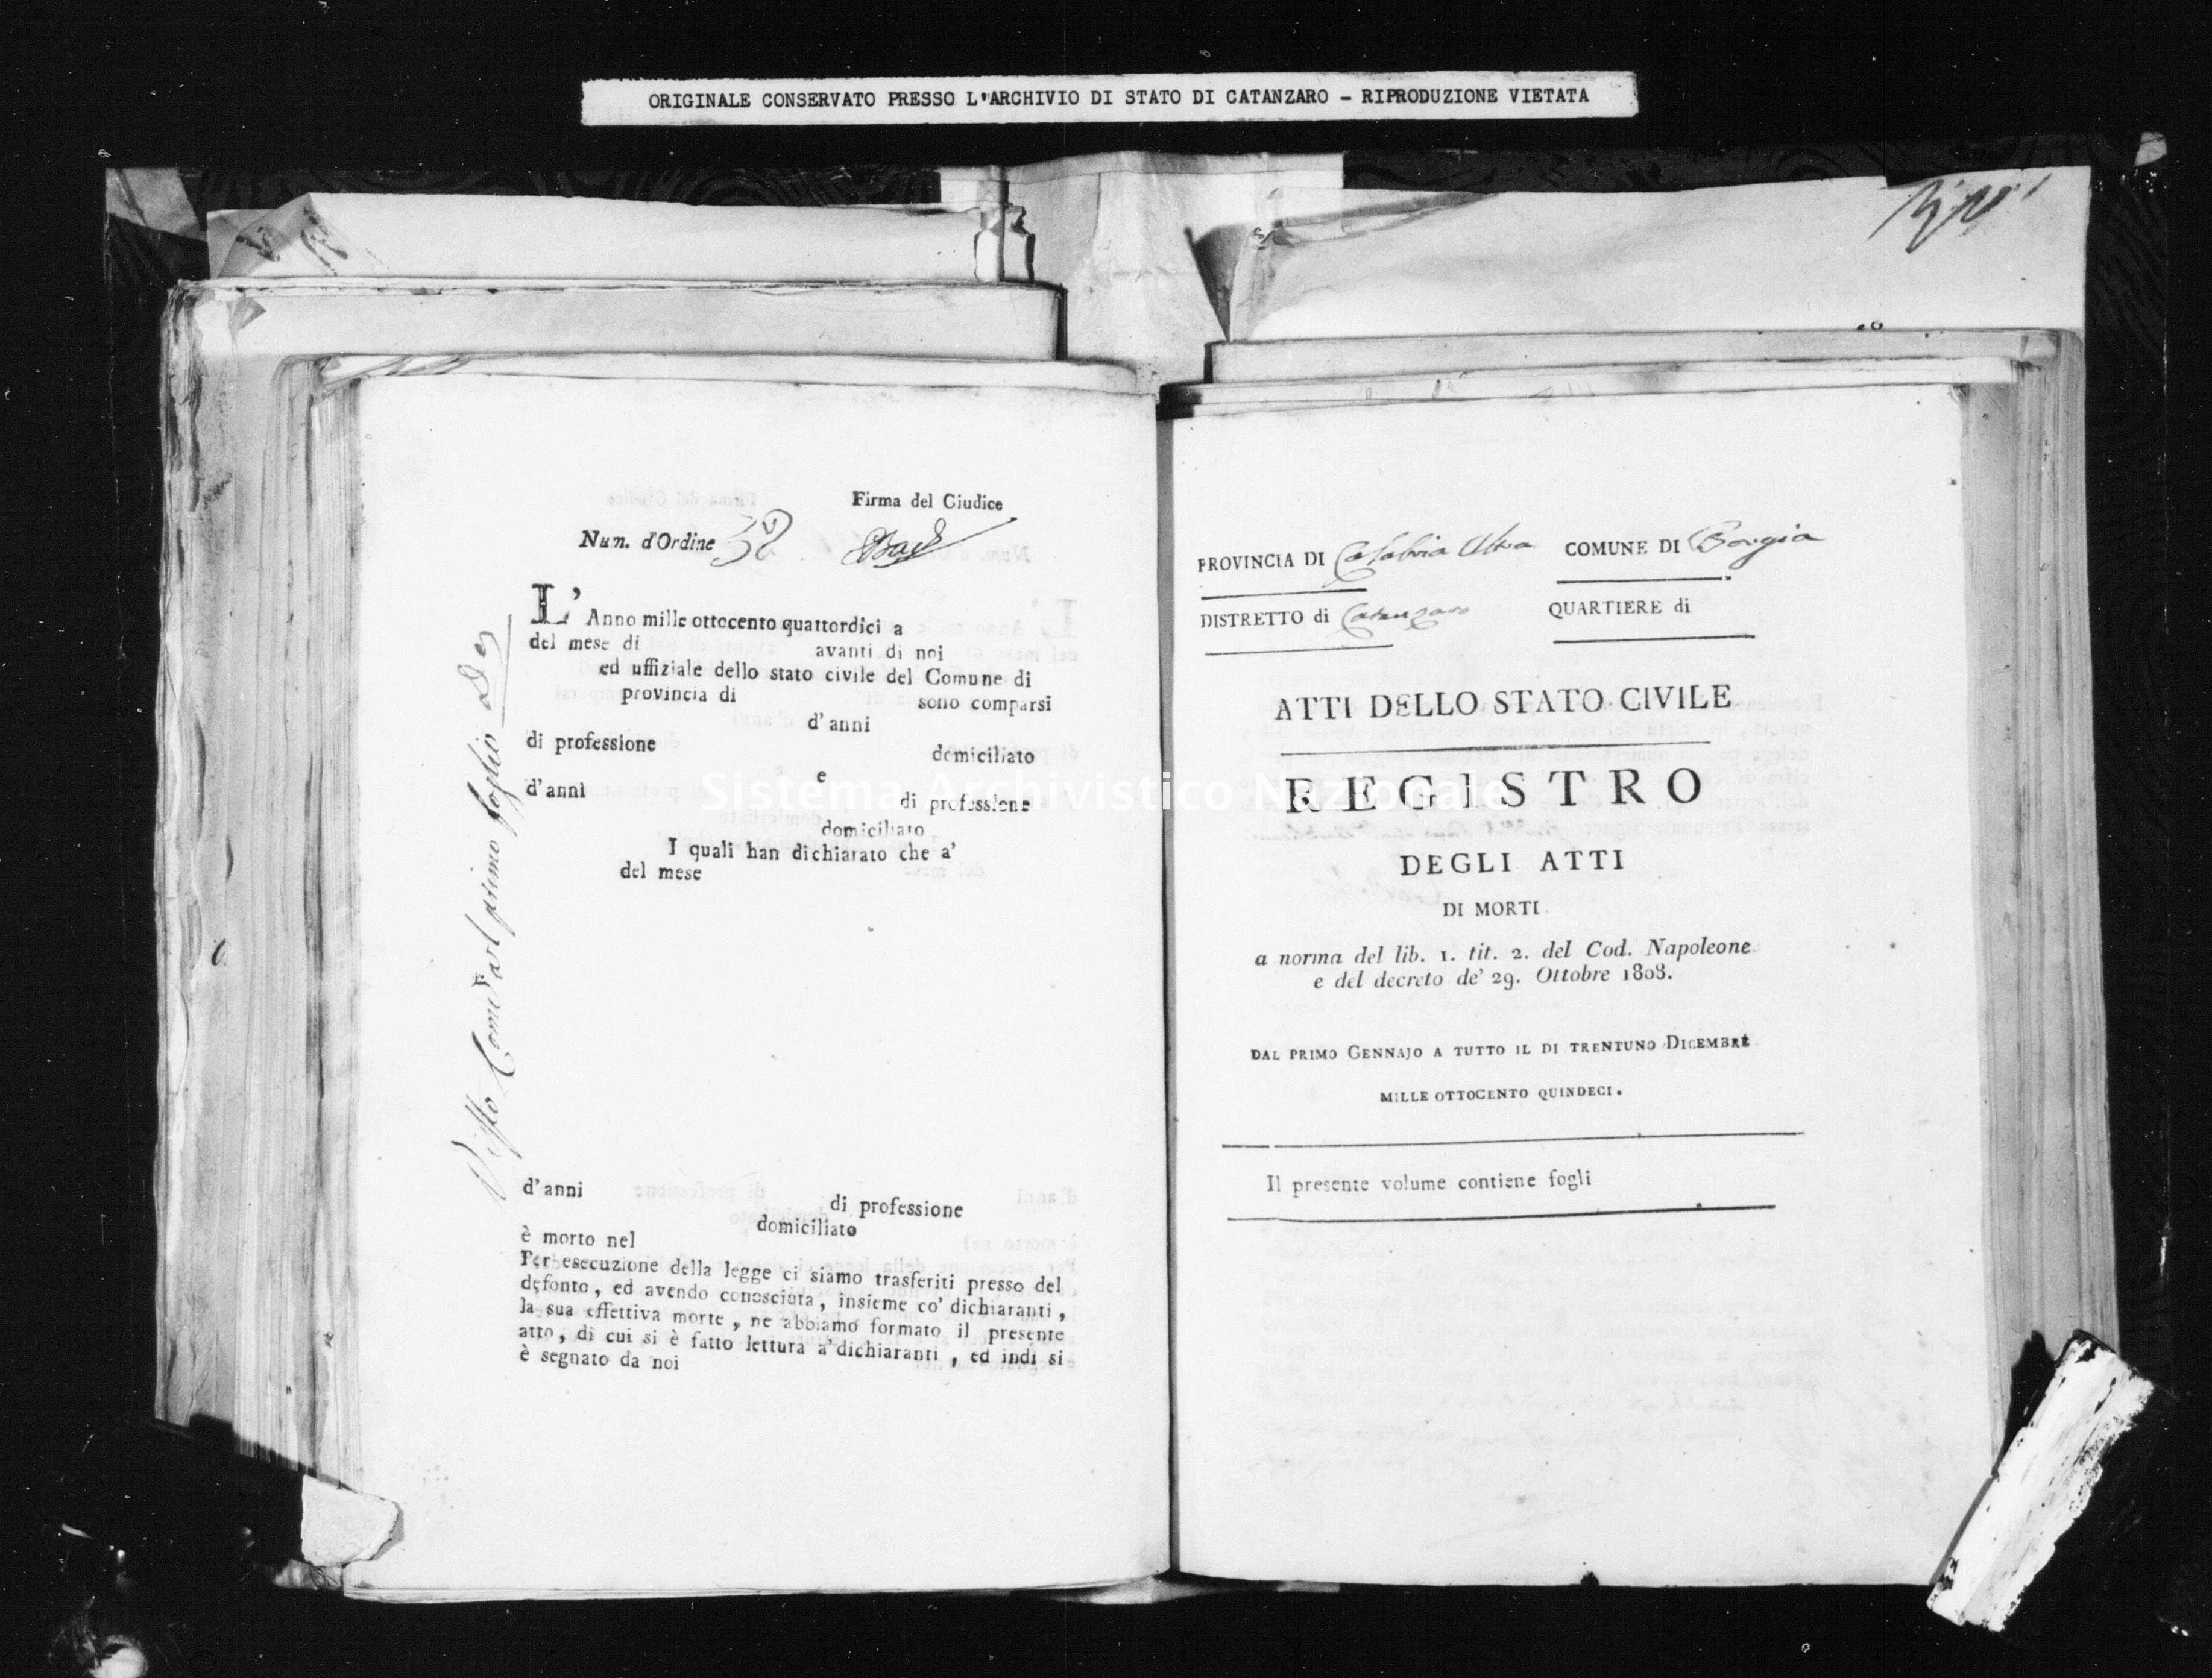 Archivio di stato di Catanzaro - Stato civile napoleonico - Borgia - Morti - 1815 -